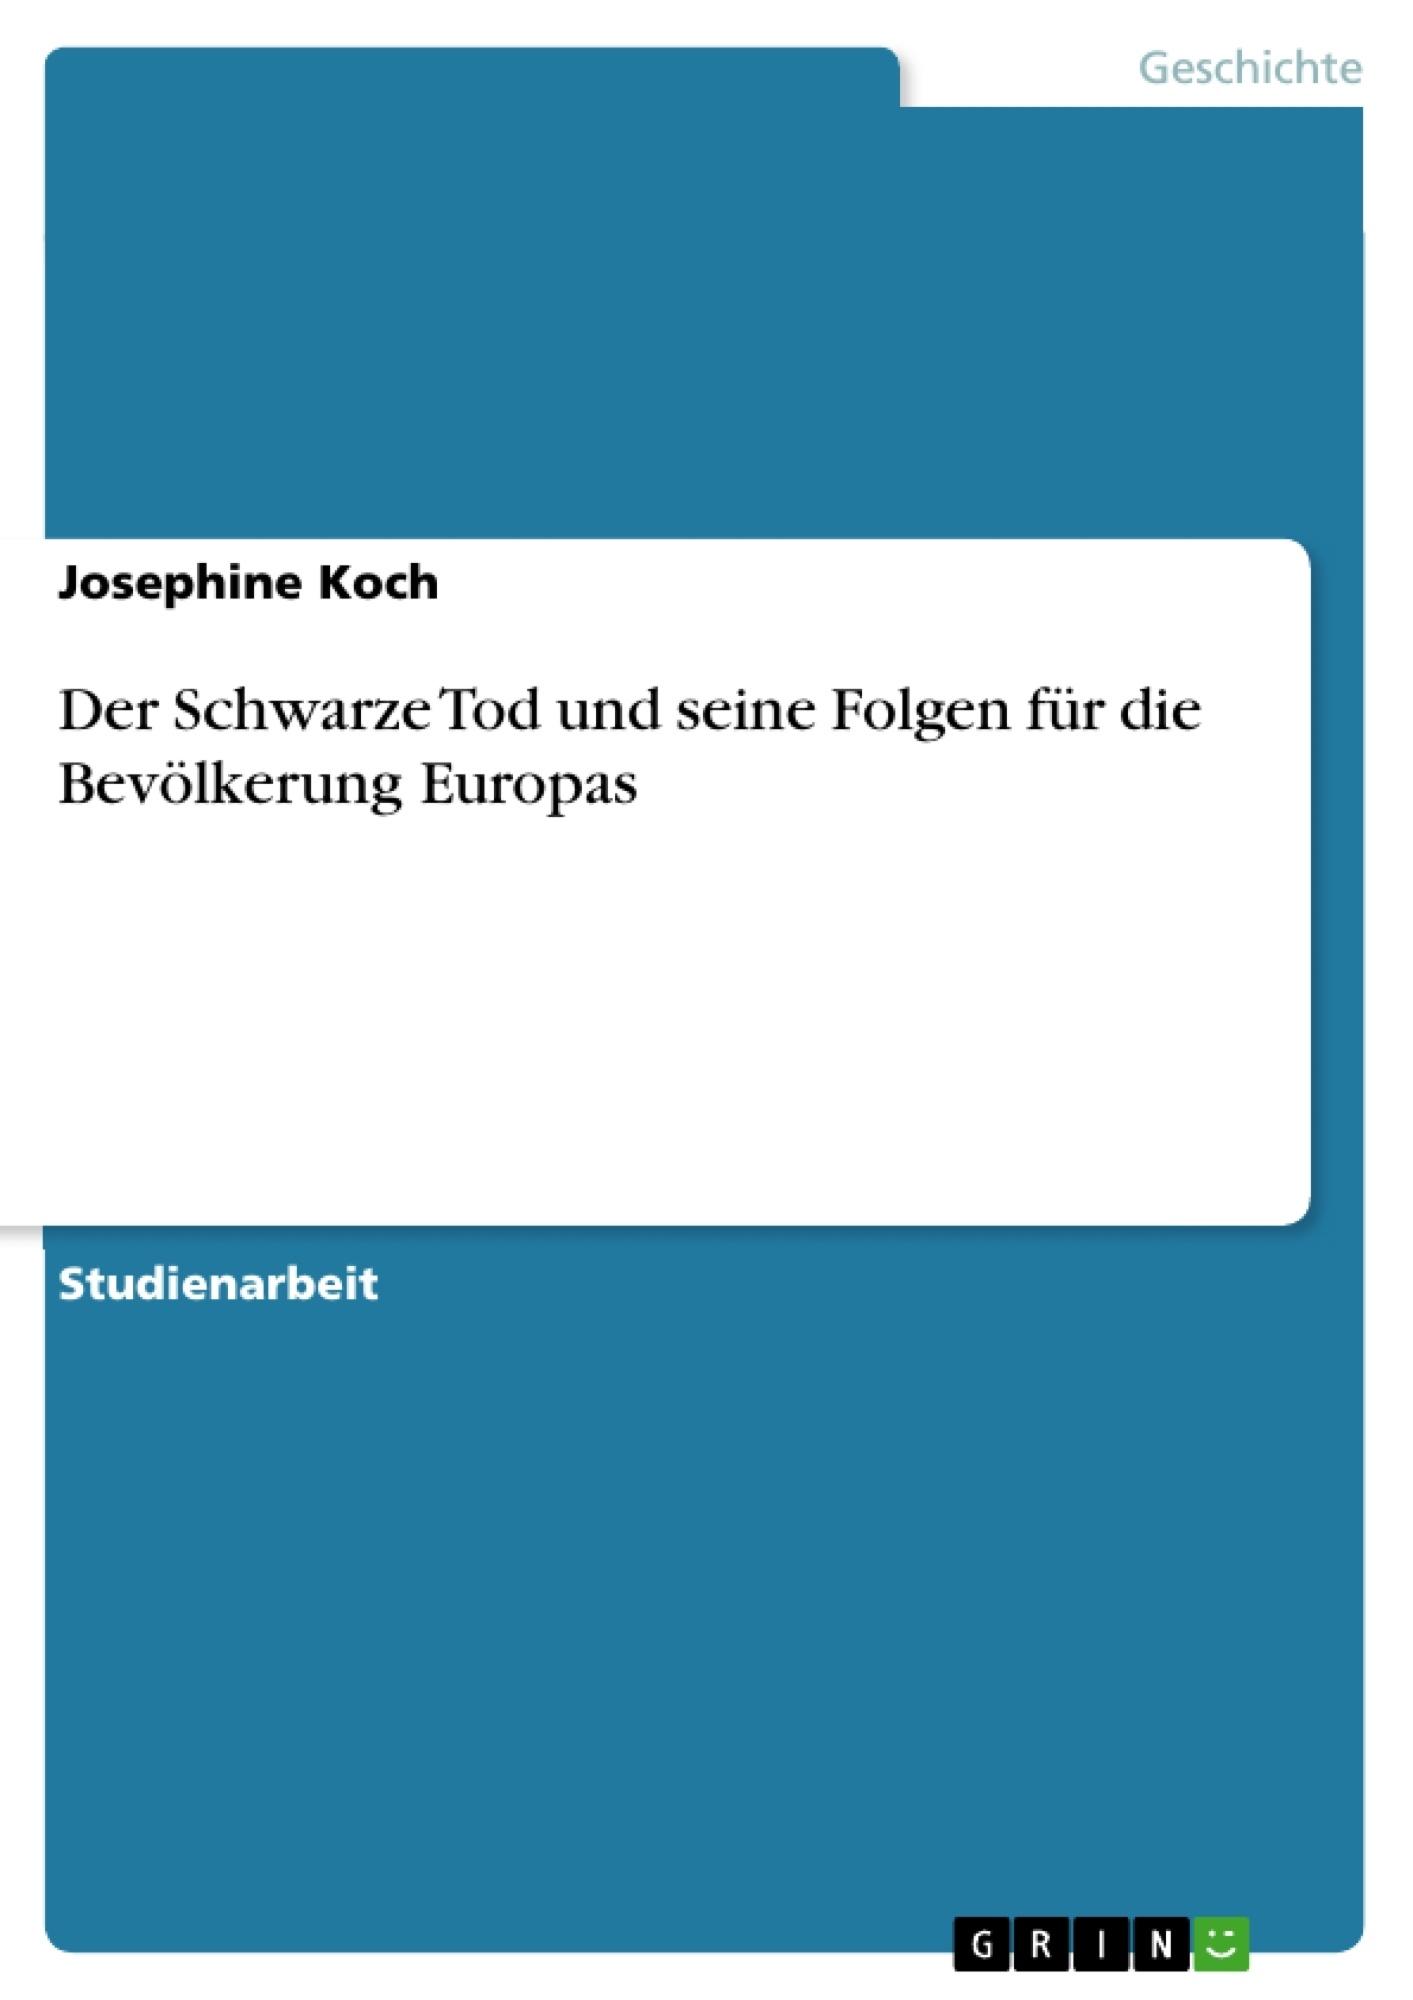 Titel: Der Schwarze Tod und seine Folgen für die Bevölkerung Europas